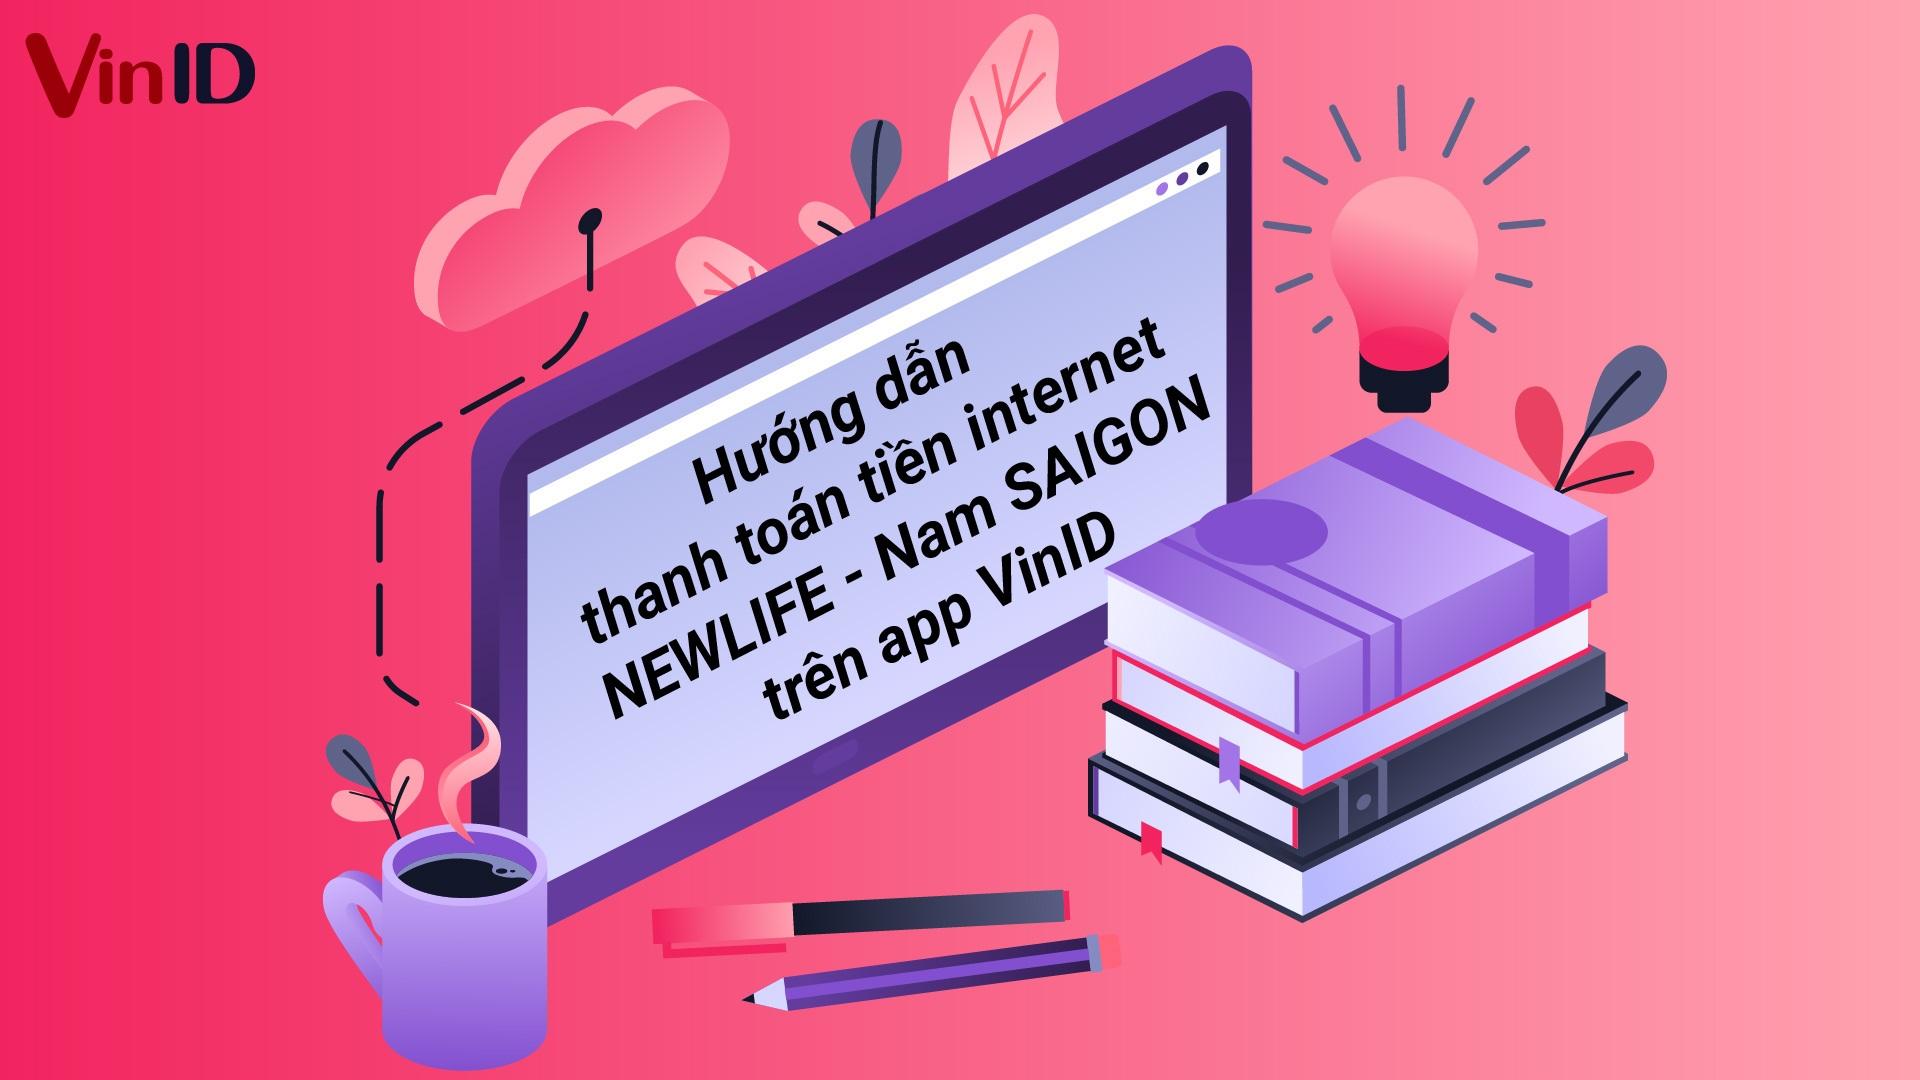 Hướng dẫn thanh toán tiền internet NEWLIFE - Nam SAIGON trên app VinID